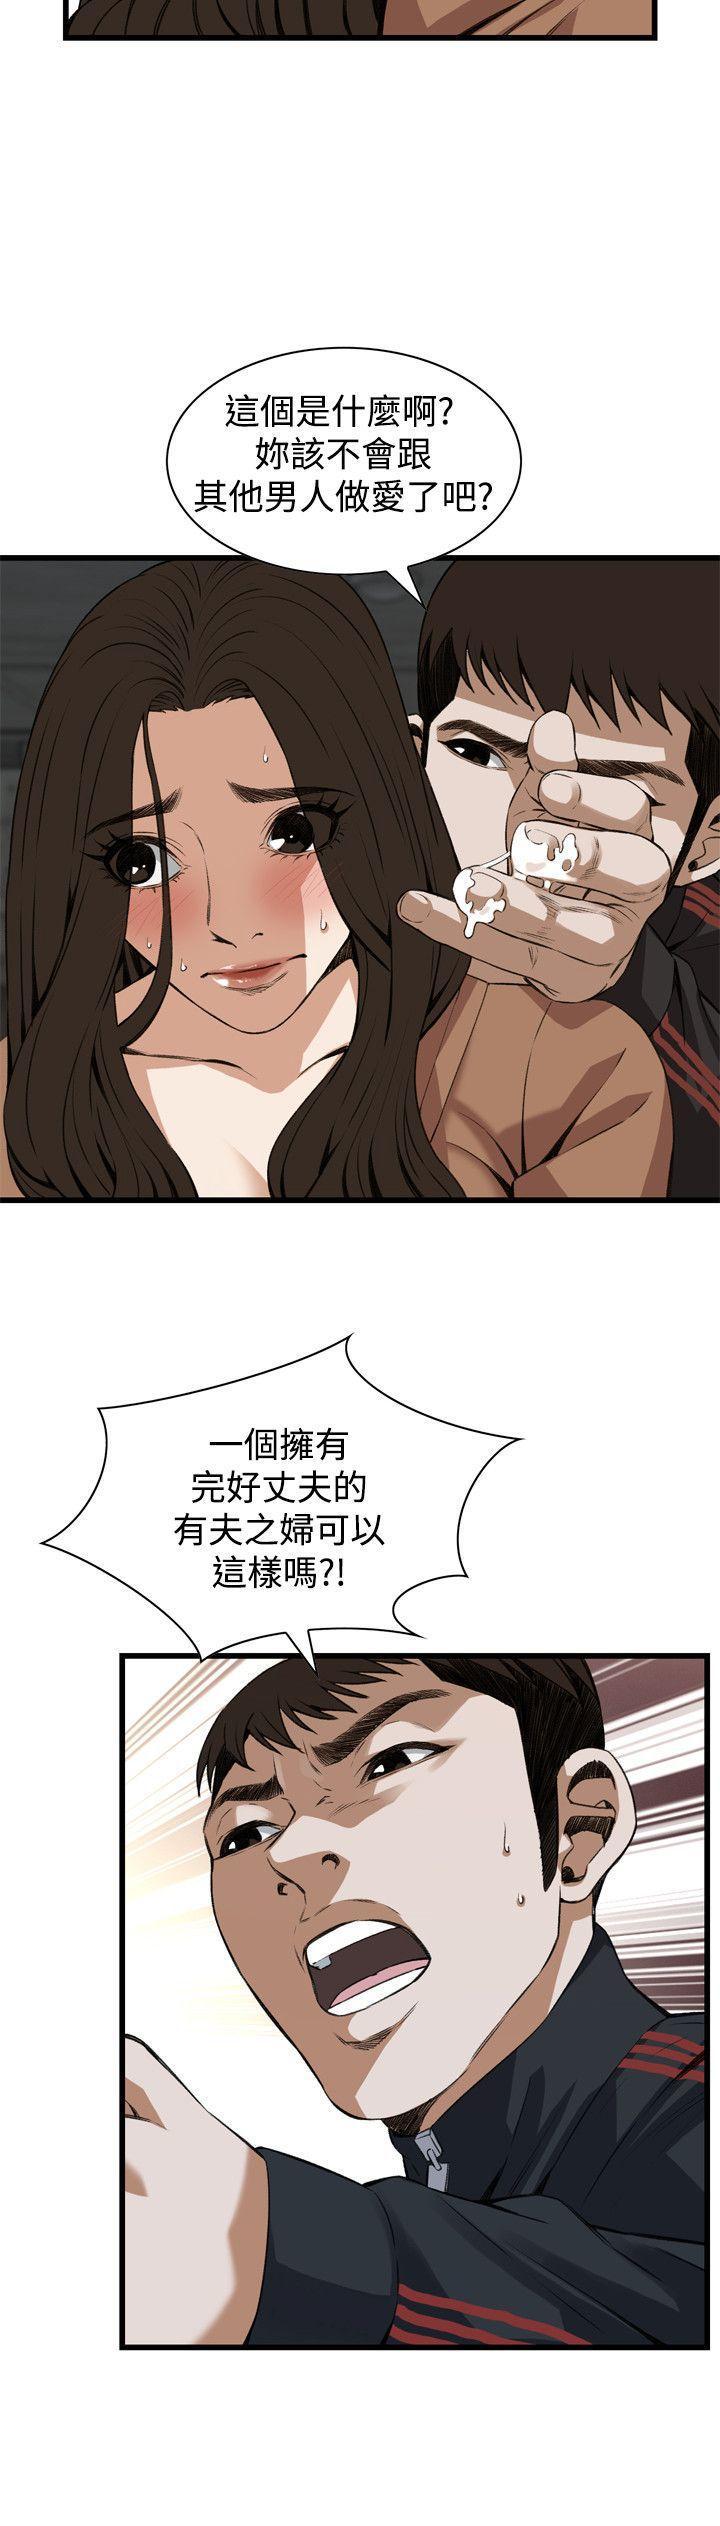 偷窥72-93 Chinese Rsiky 374